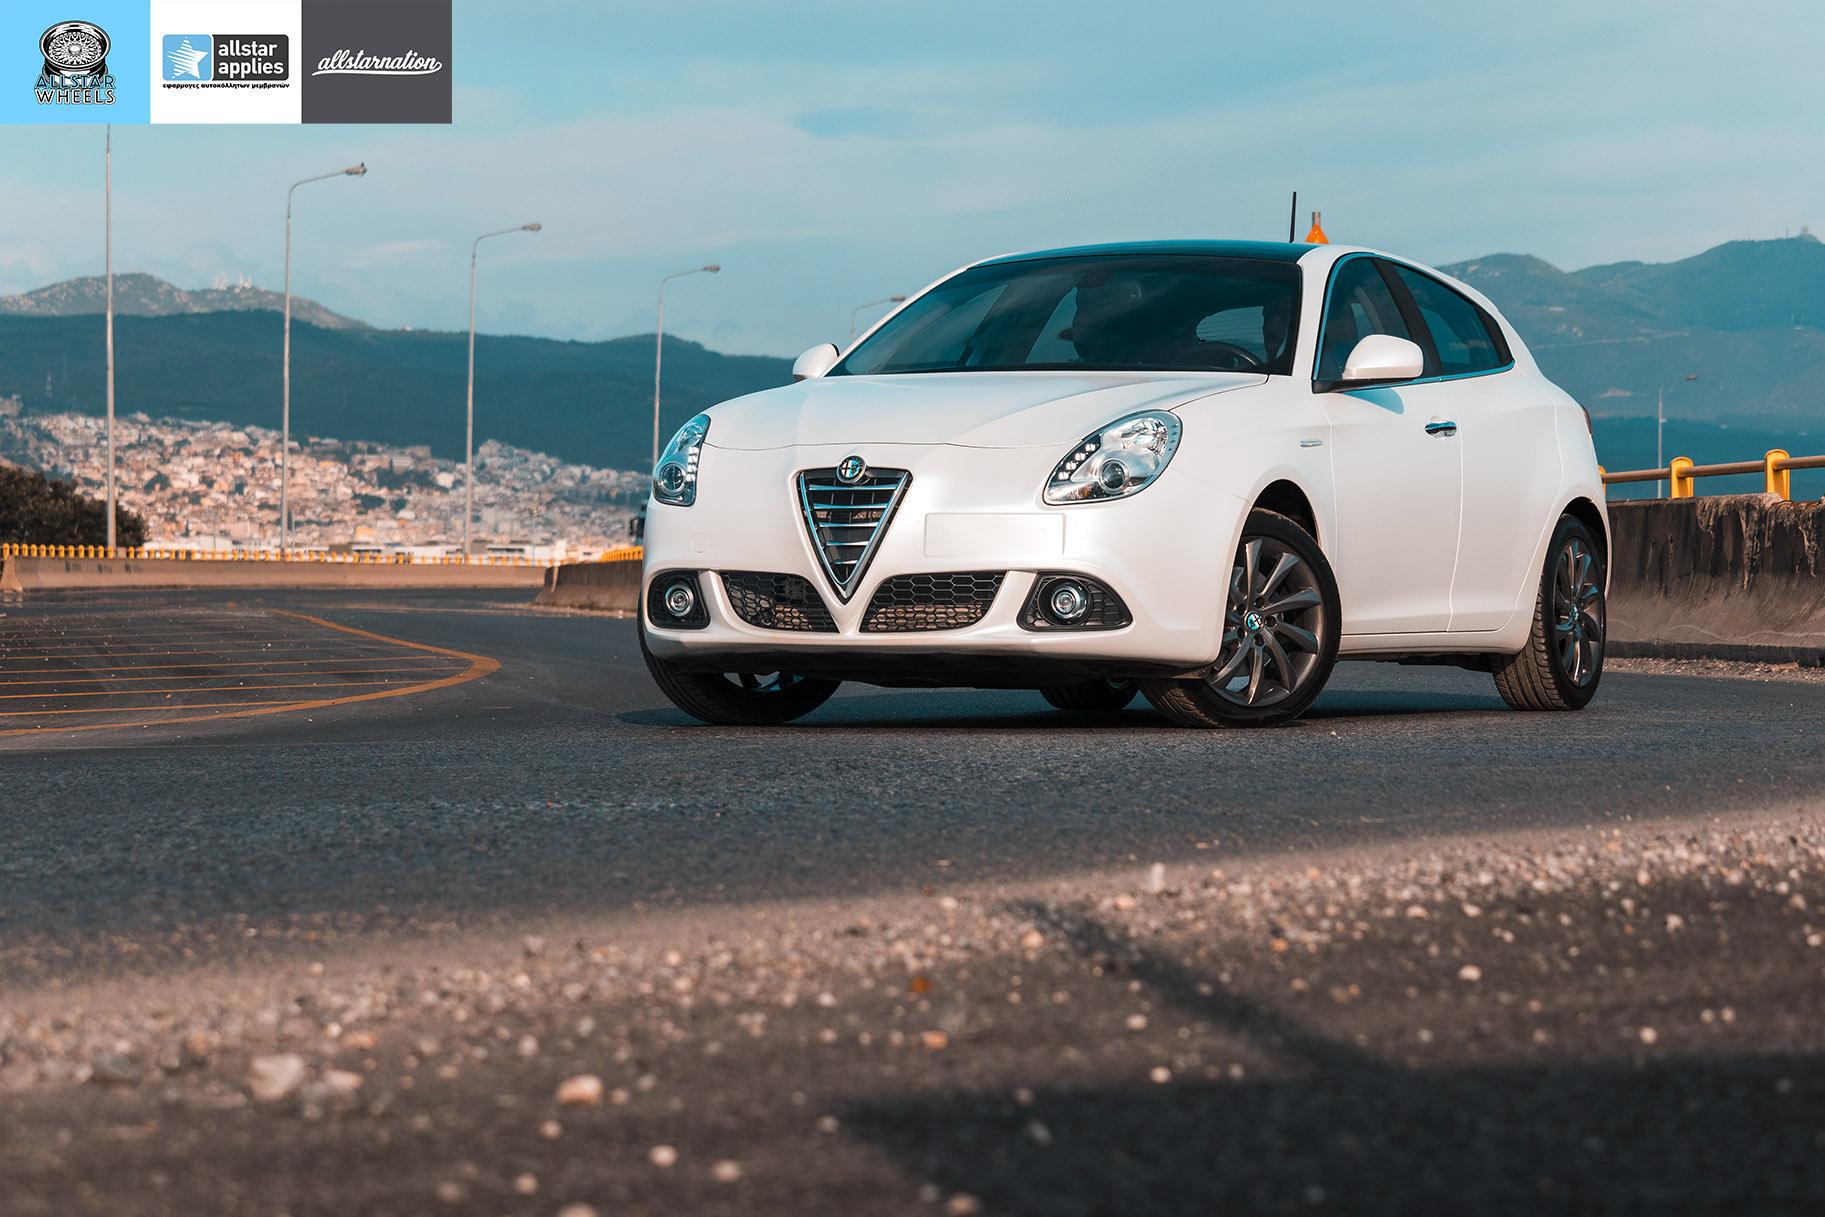 Αλλαγής Χρώματος με Μεμβράνες Alfa Romeo Giulietta Matt Diamond White | Allstar Applies στη Θεσσαλονίκη